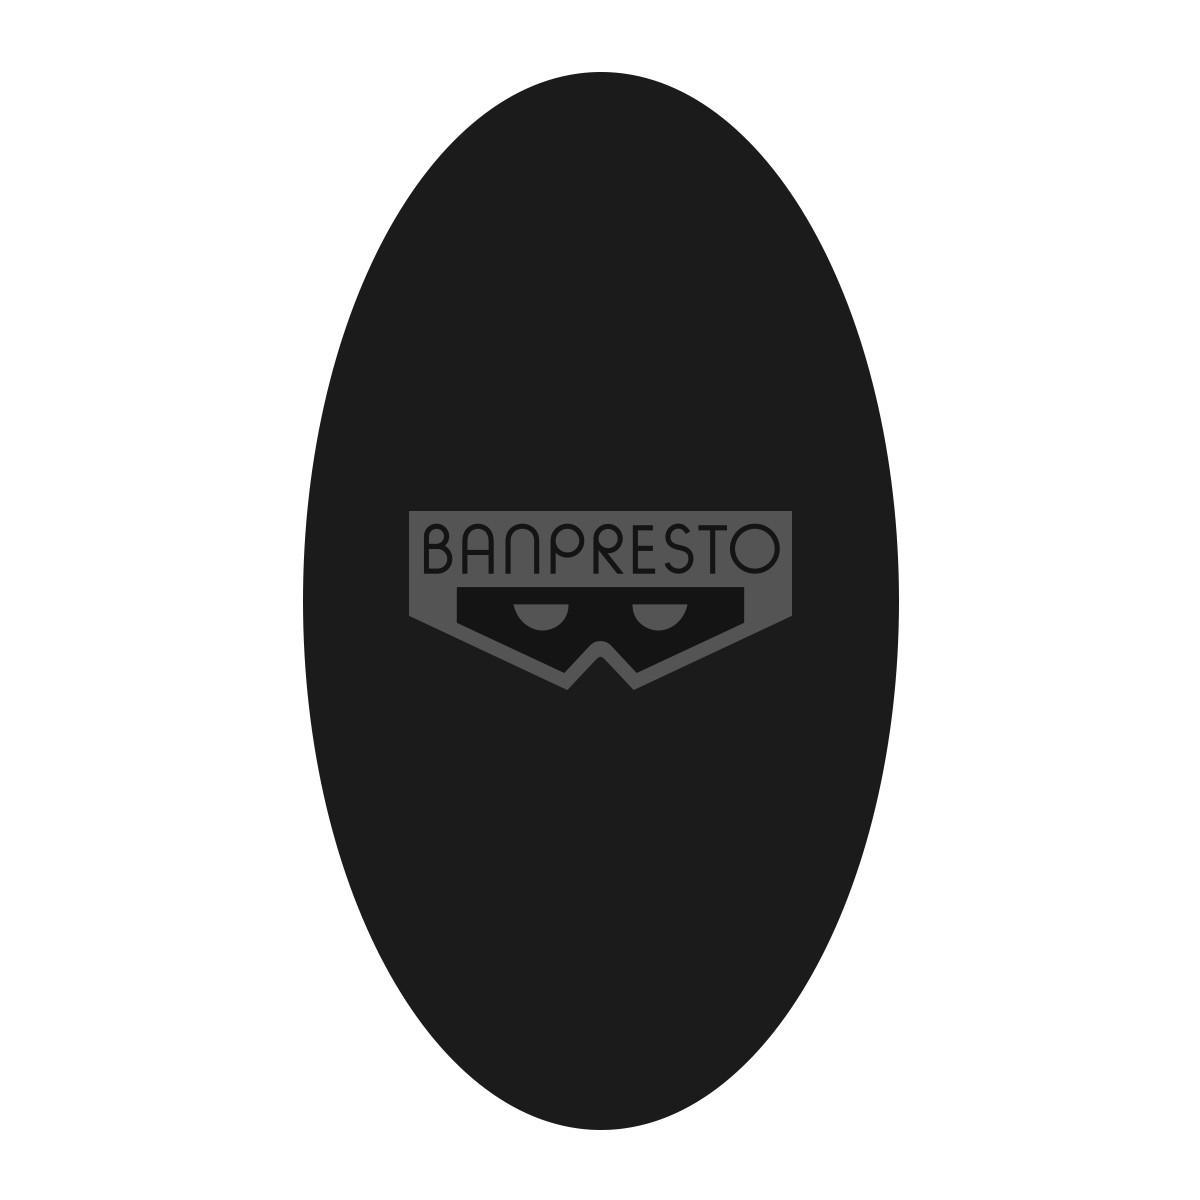 BANPRESTO|Fate/Grand Order -終局特異點 冠位時間神殿所羅門- 瑪修·基列萊特